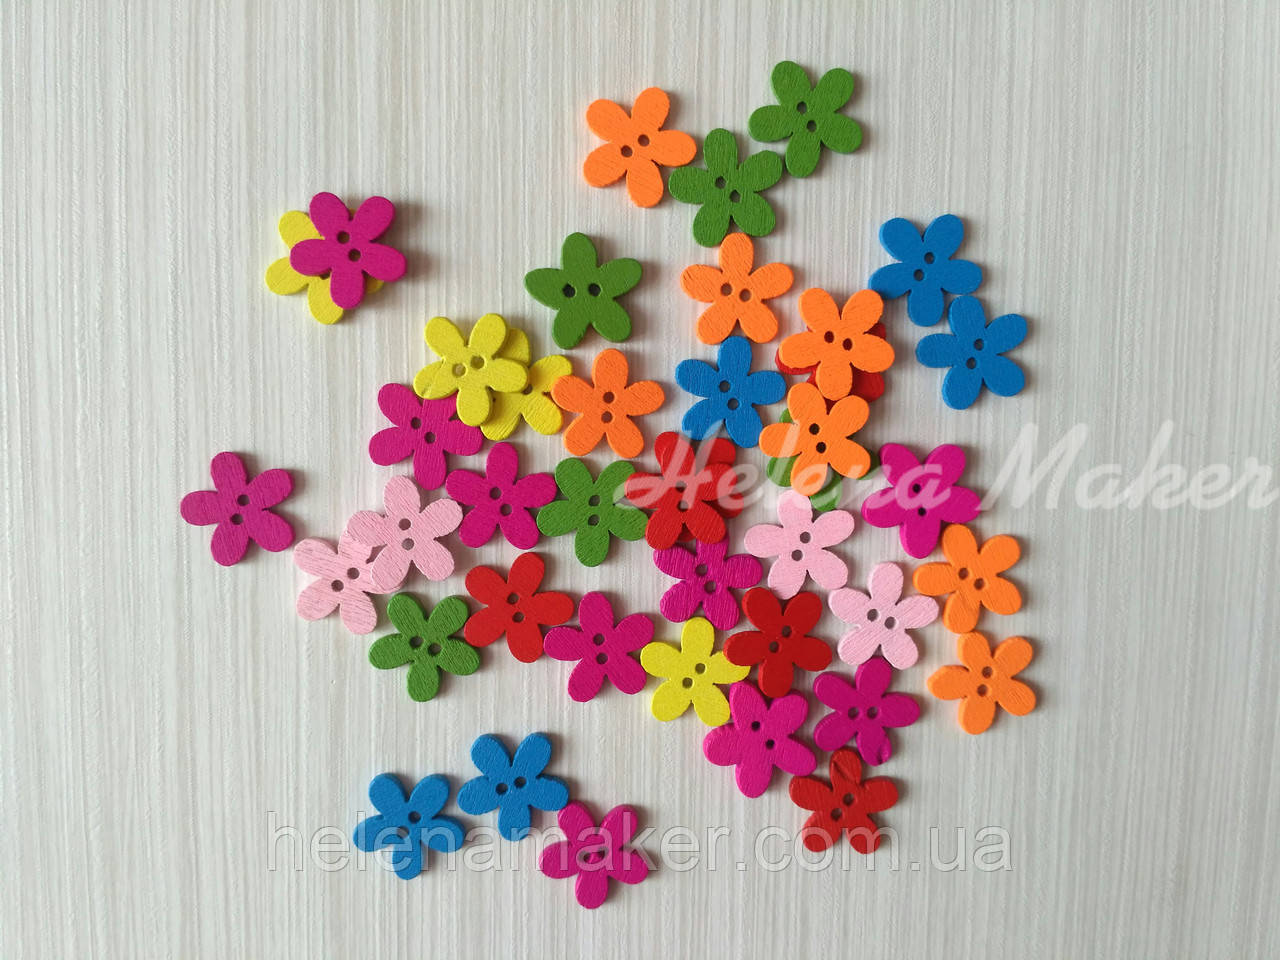 Декоративні дерев'яні ґудзики різнокольорові квіточки мм